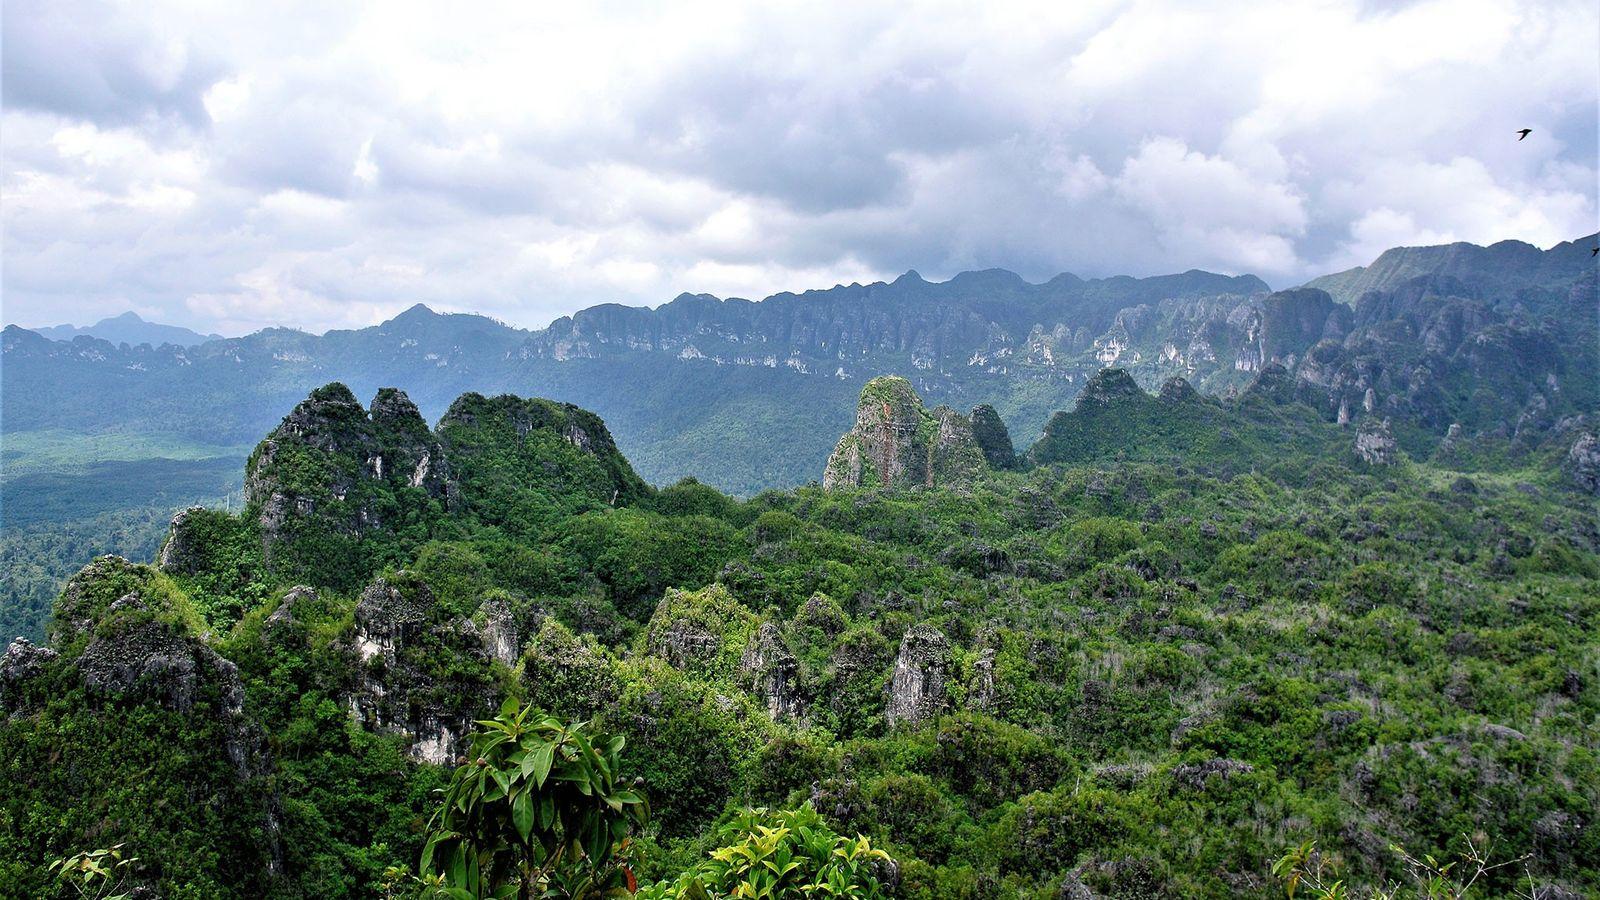 Les peintures pariétales sont cachées dans les grottes de roche calcaire du Kalimantan oriental, en Indonésie, ...